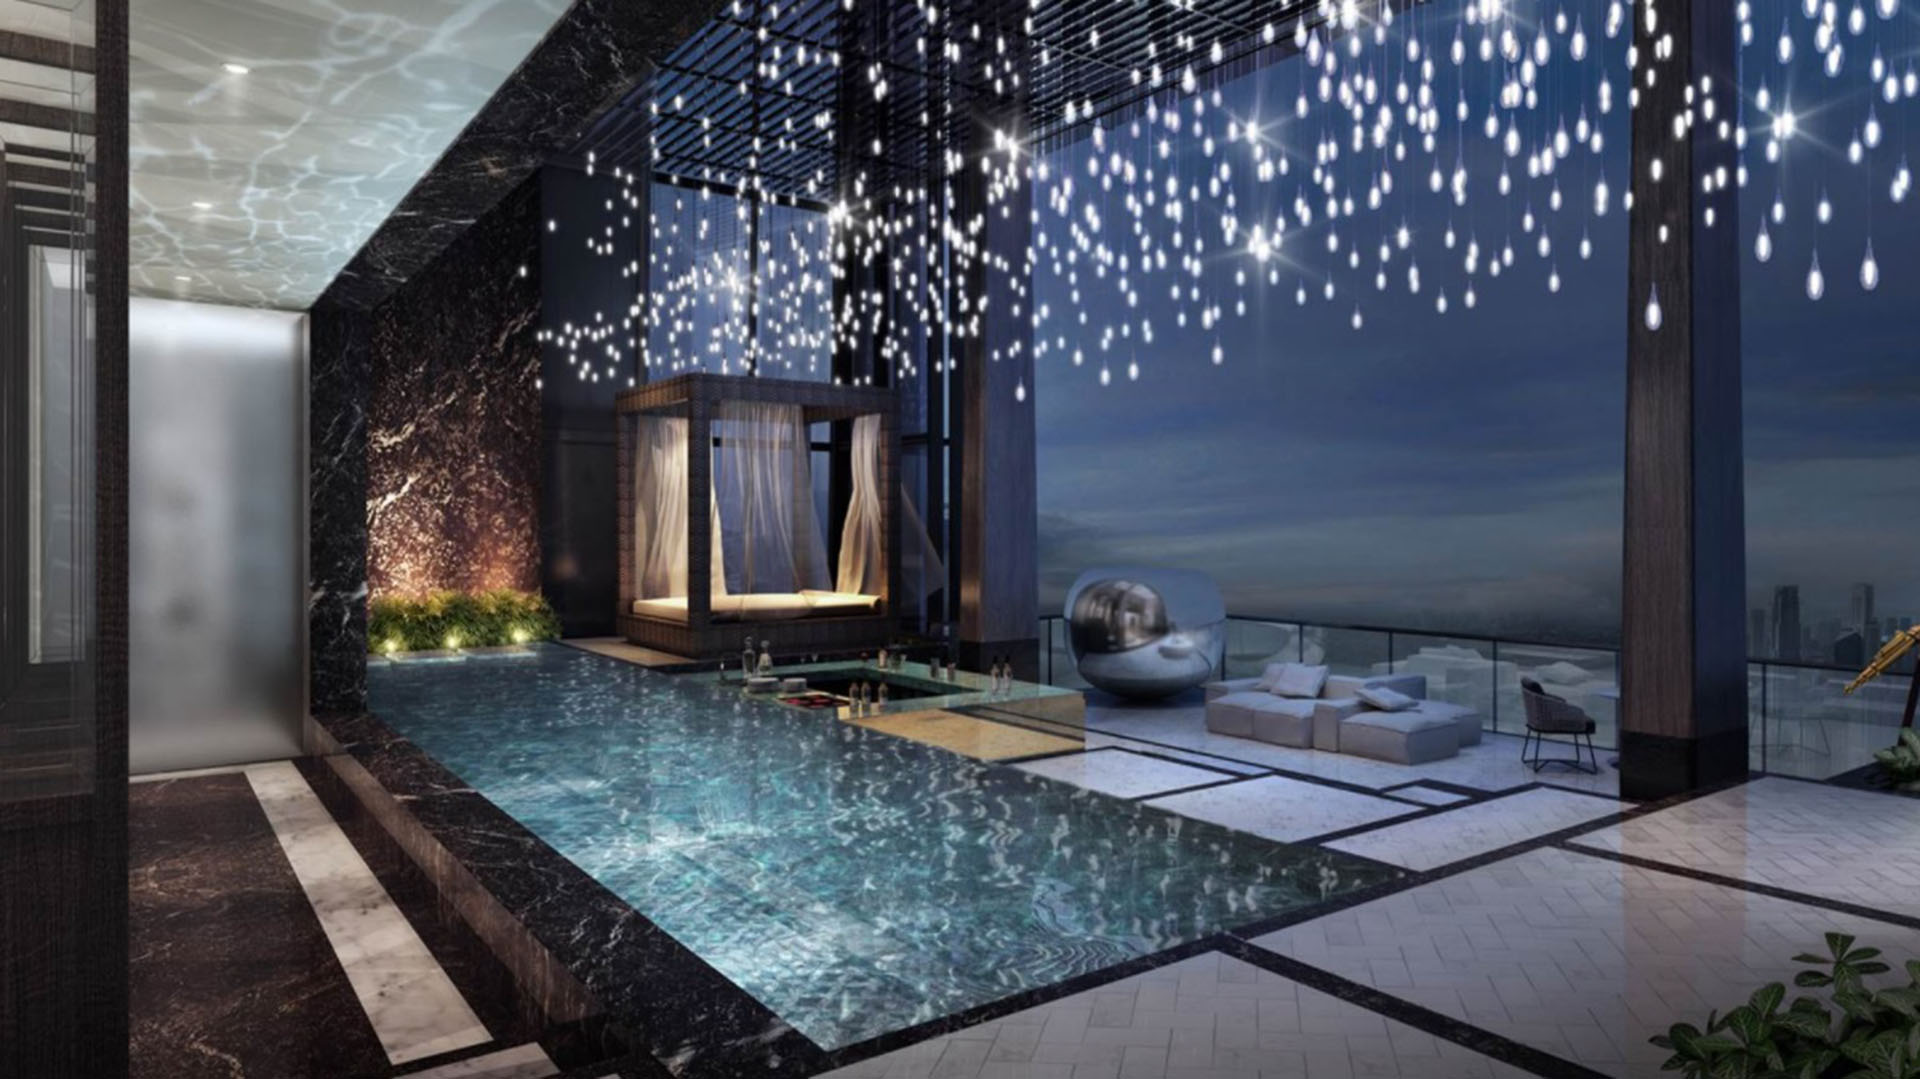 La piscina es privada y también dispone de un jacuzzi con una espectacular vista